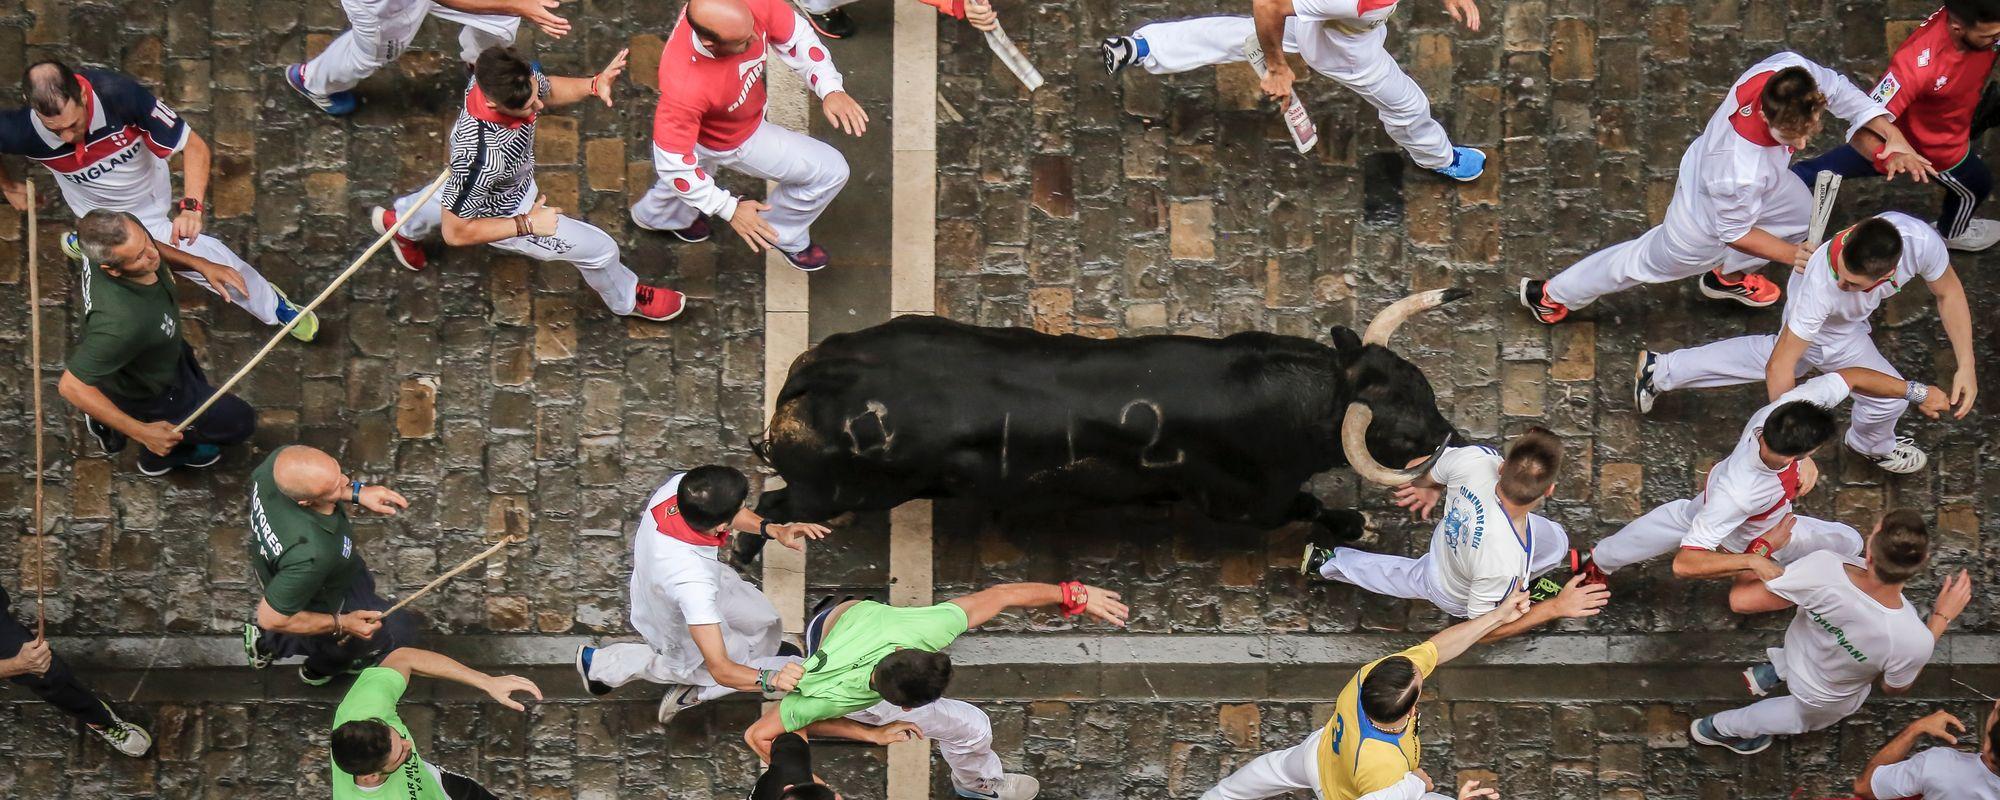 Oameni si tauri la Pamplona